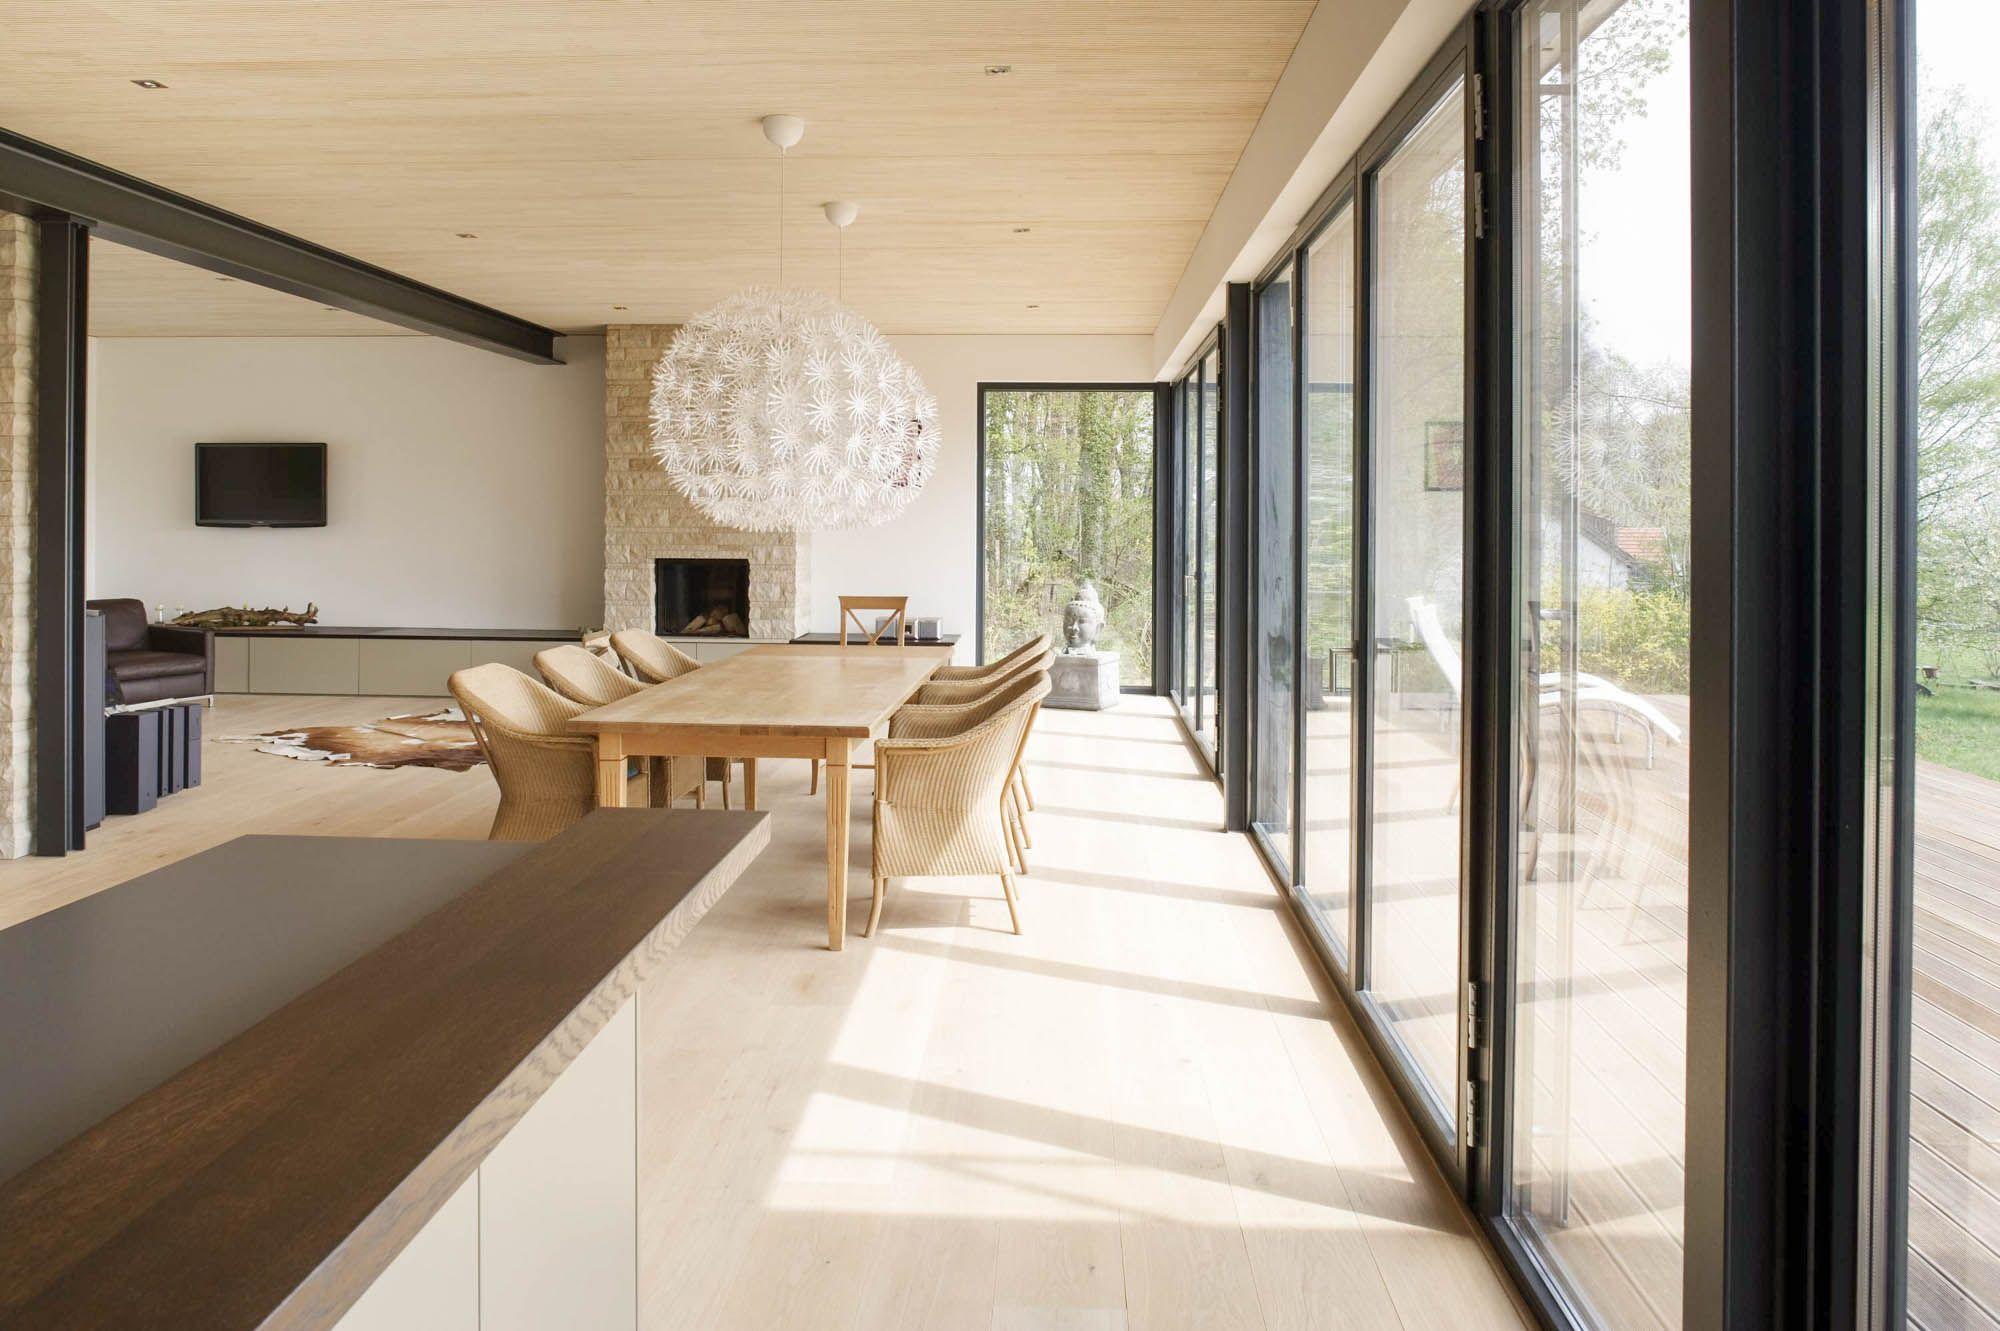 Fassadengestaltung einfamilienhaus modern holz haus modern fassade holz und - Google-Suche | häuser | Pinterest ...